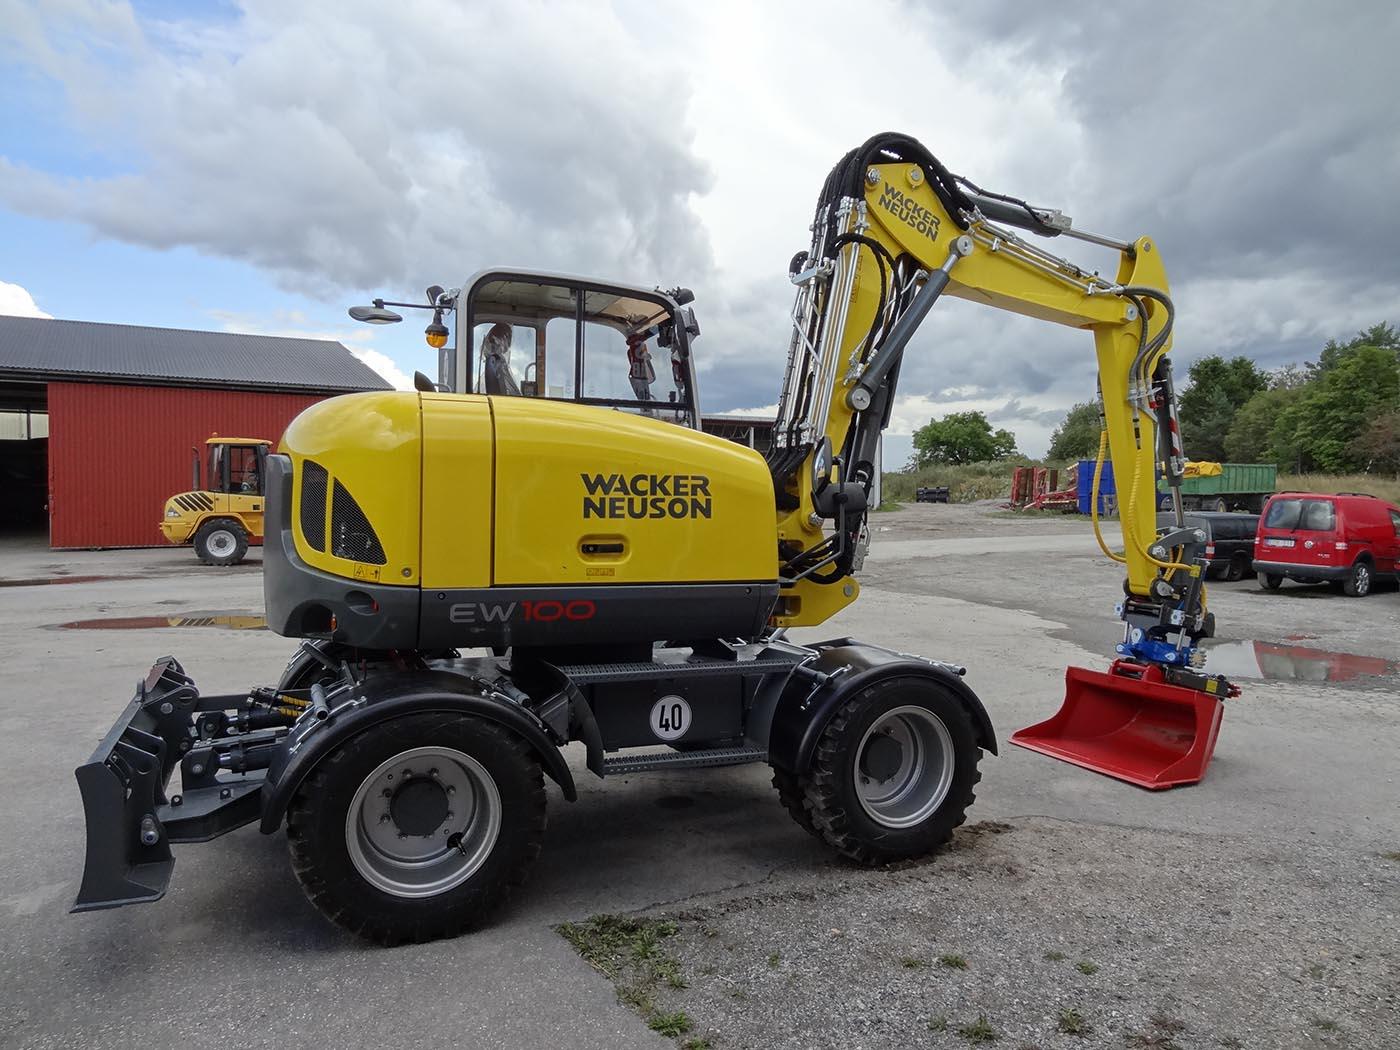 Hos oss hittar ni grävmaskin i Södermanland samt många andra maskiner. Hör av er för en grävmaskin i Södermanland!